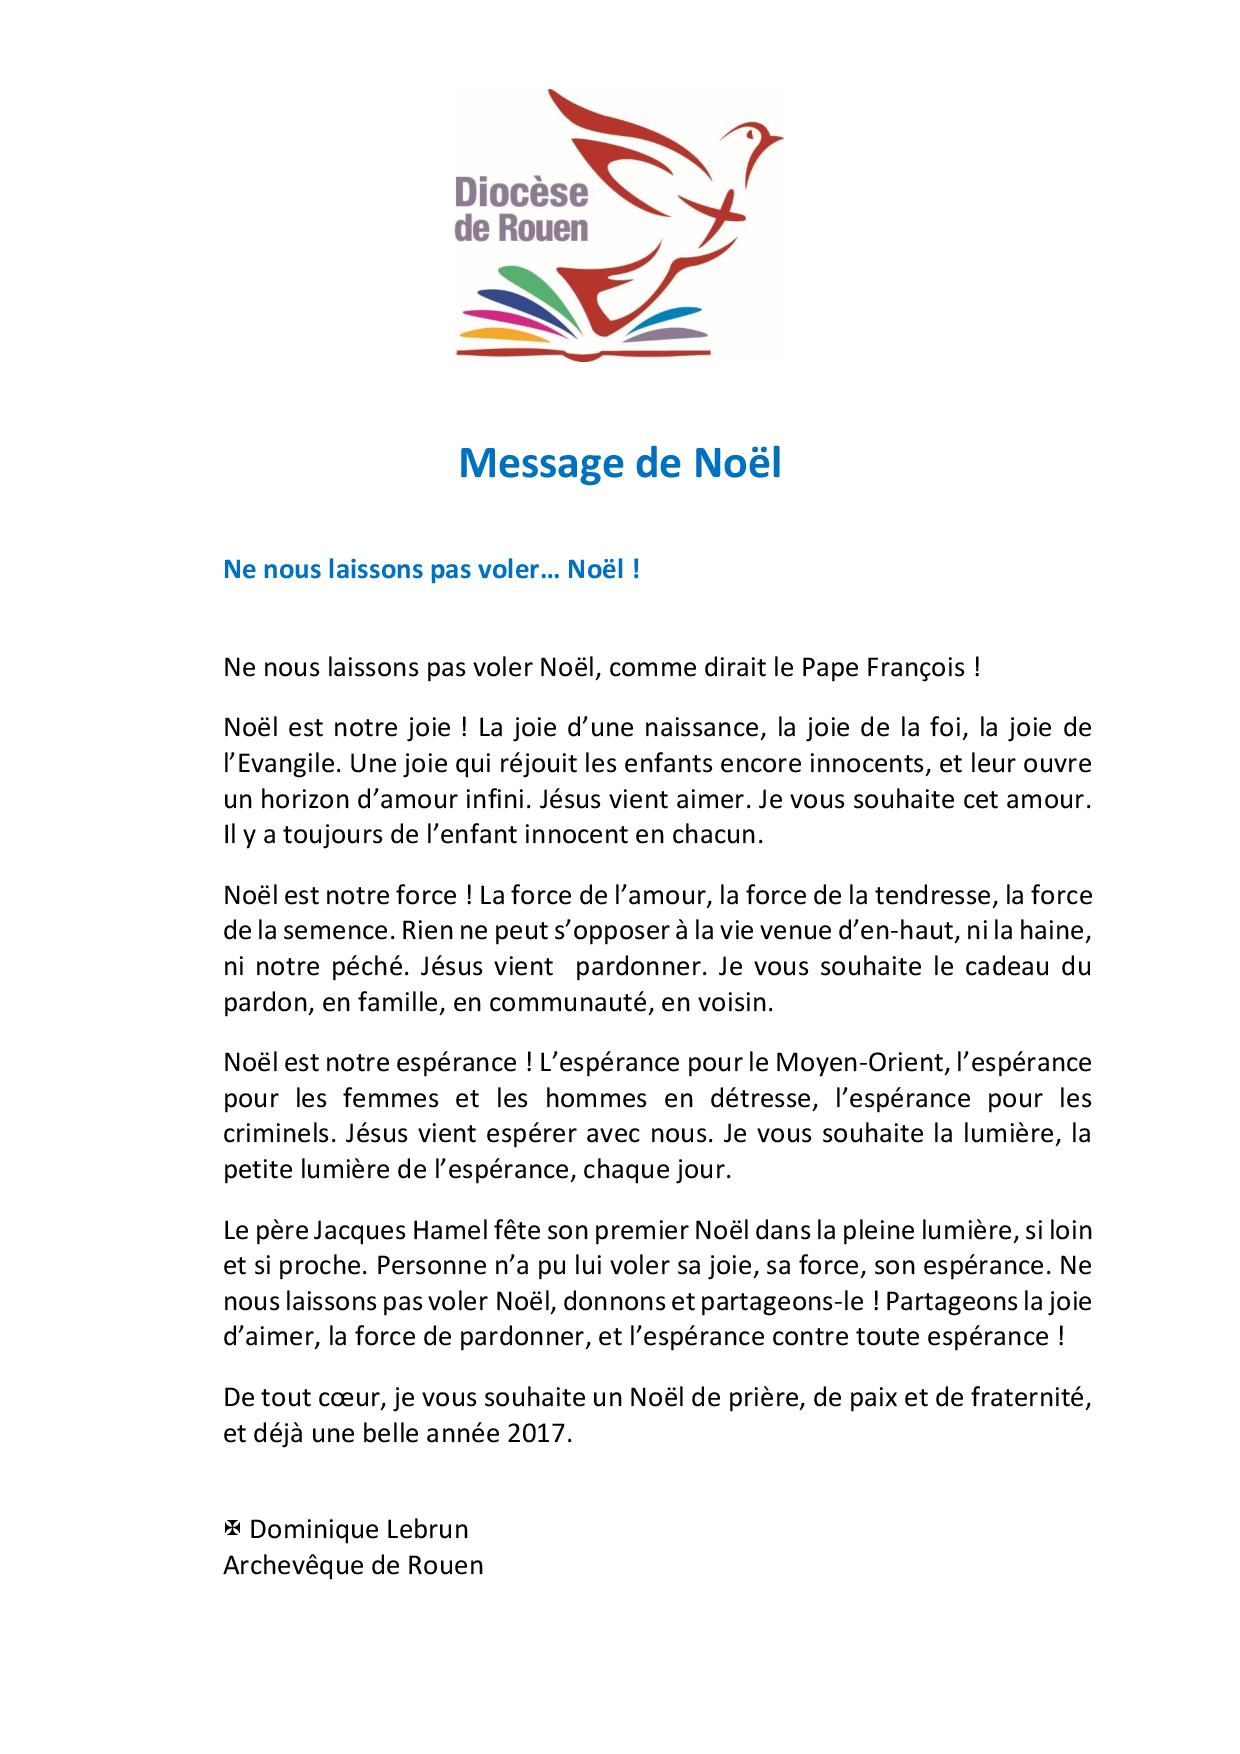 txt-message-de-noel-page-001